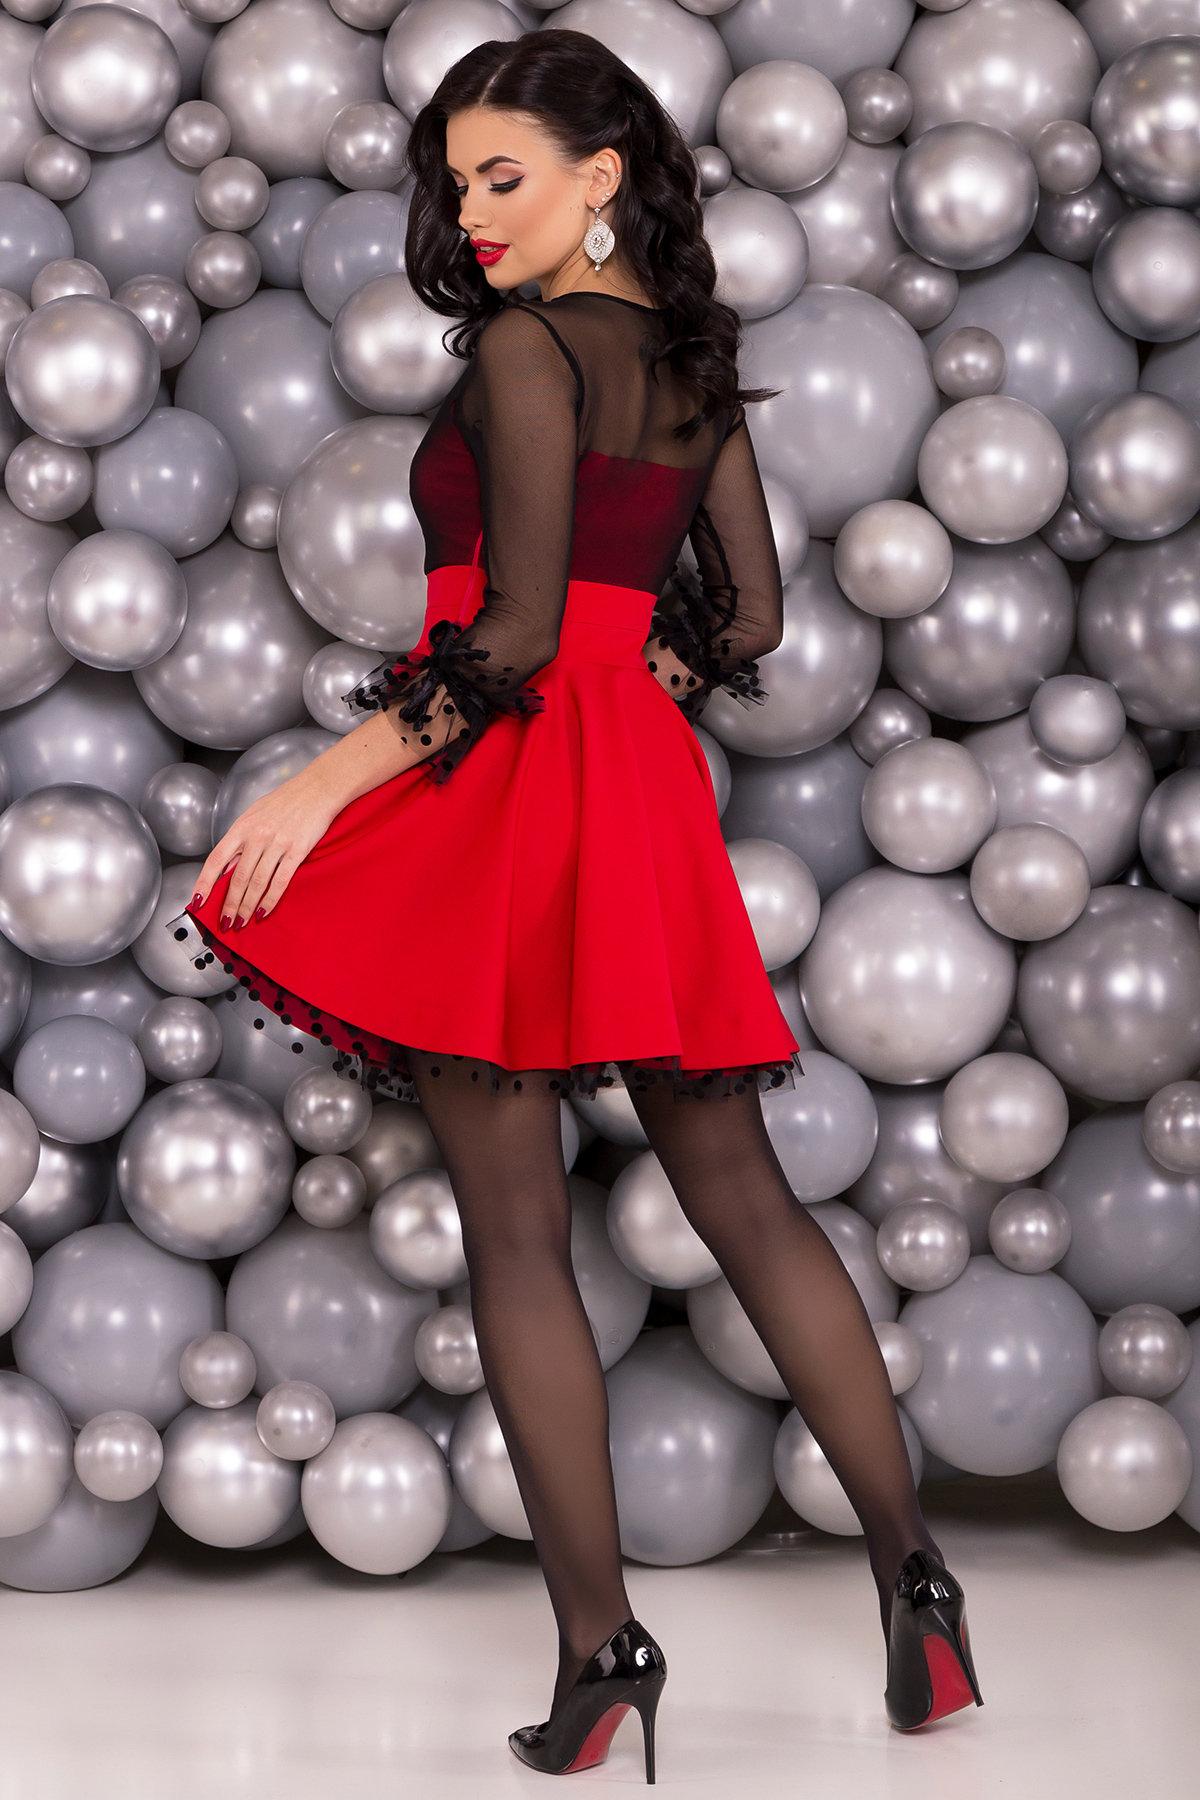 Нарядное платье Адриана 6022 АРТ. 45121 Цвет: Красный/черный - фото 2, интернет магазин tm-modus.ru